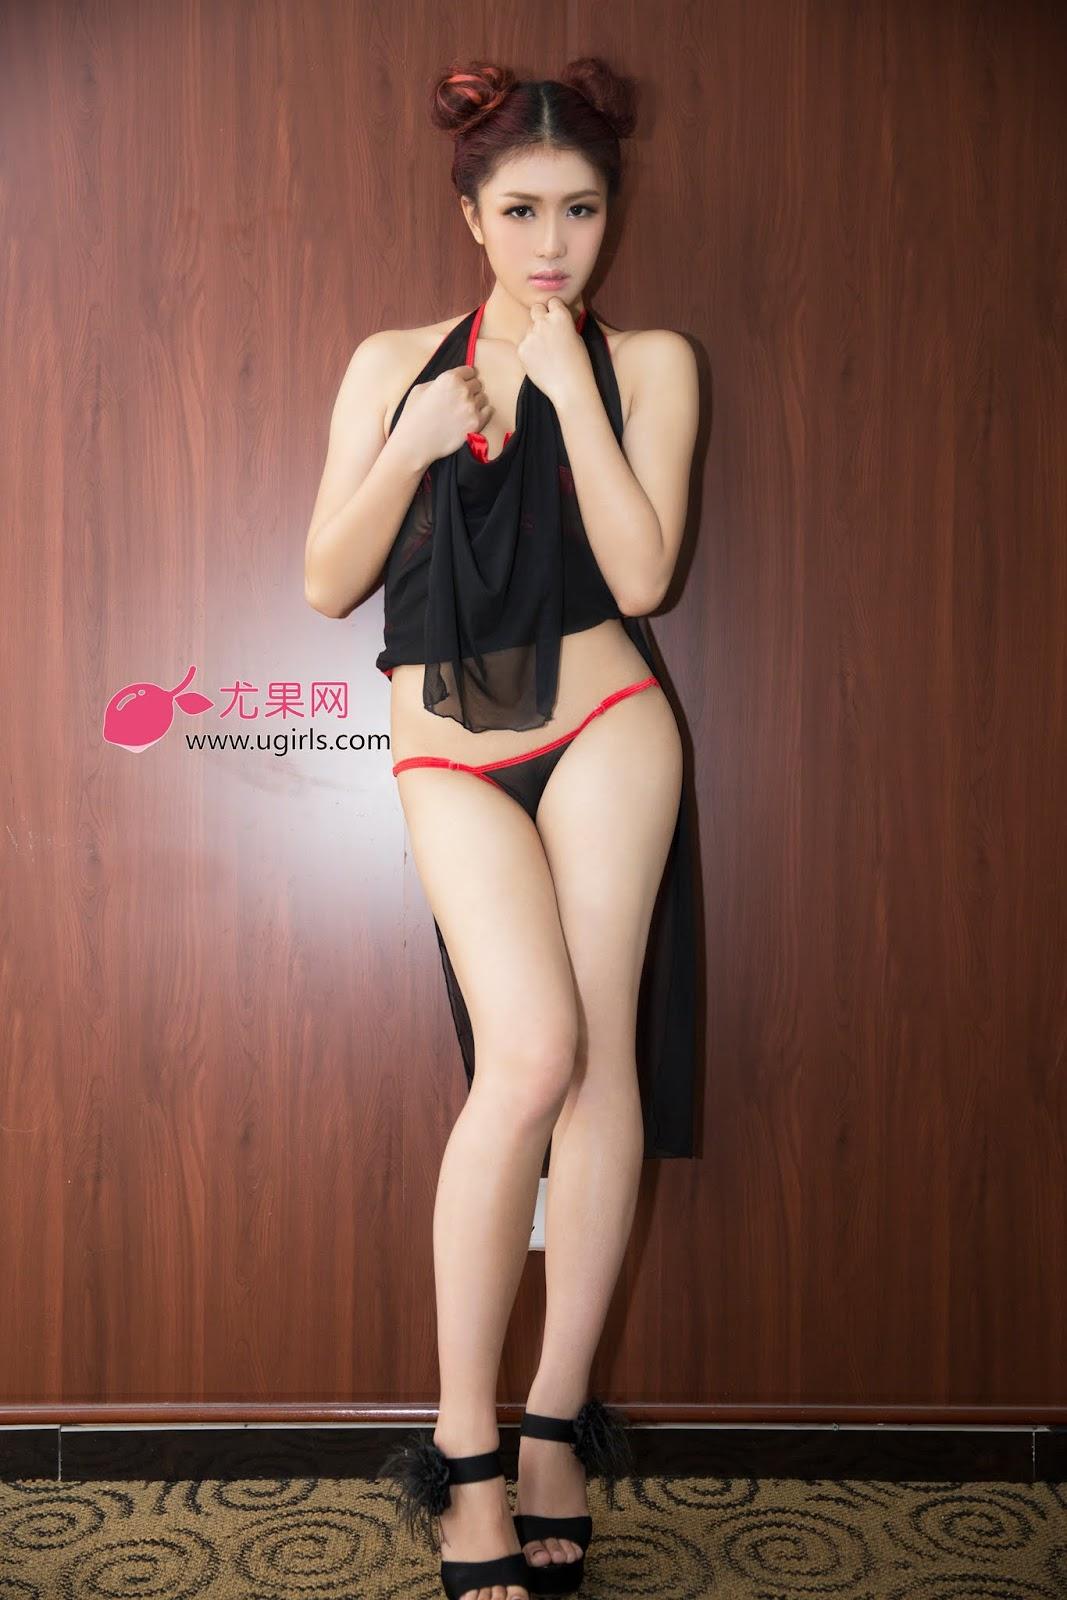 A14A5281 - Sexy Girl UGIRLS NO.7 Hot